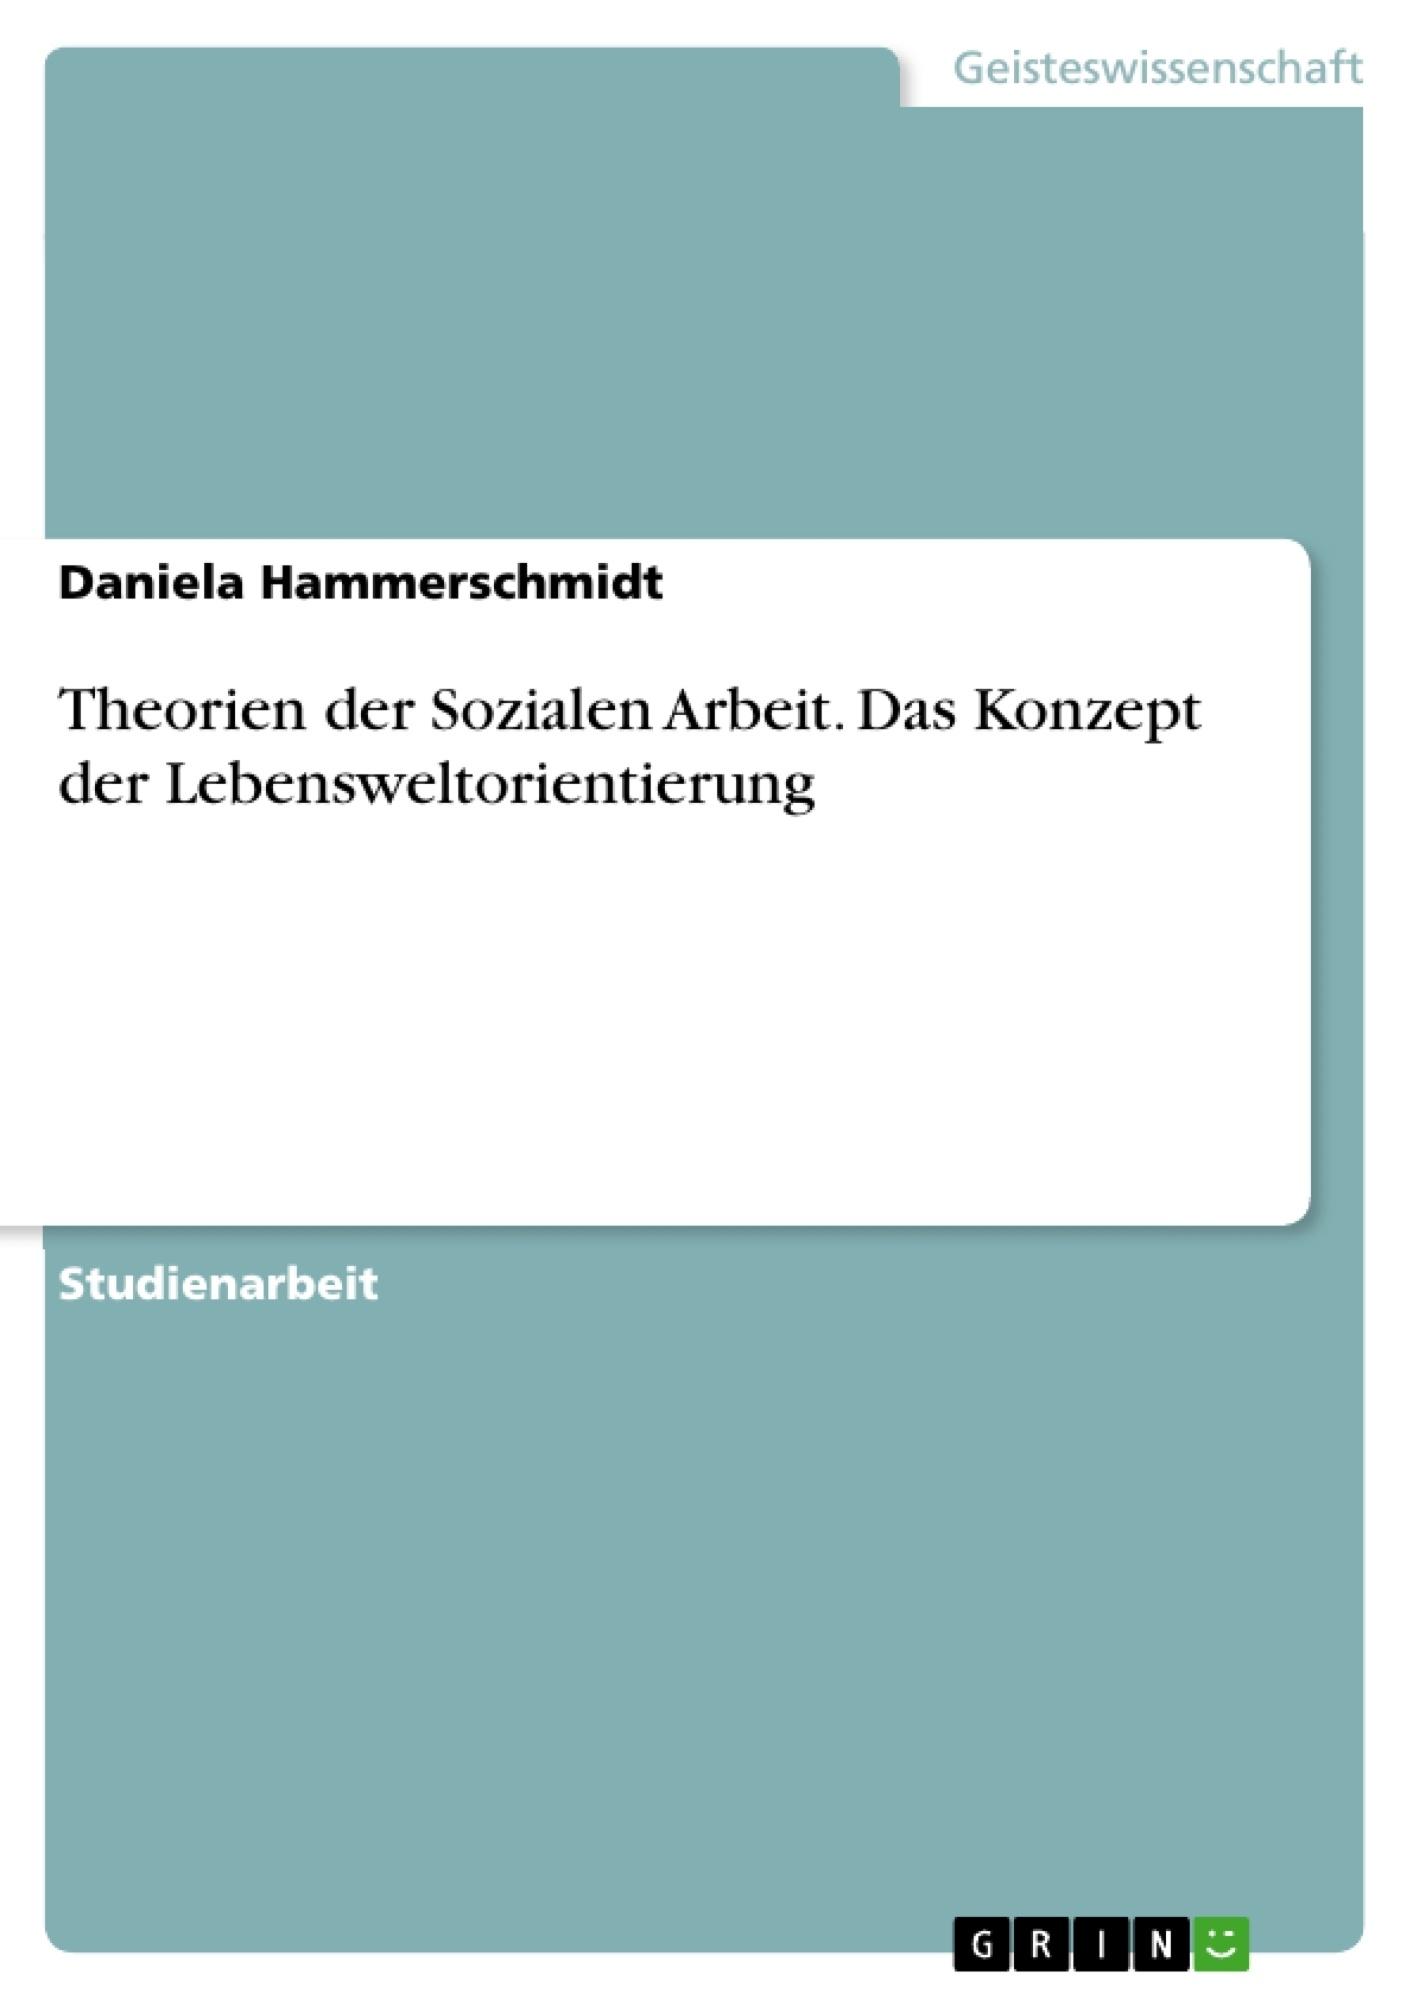 Titel: Theorien der Sozialen Arbeit. Das Konzept der Lebensweltorientierung